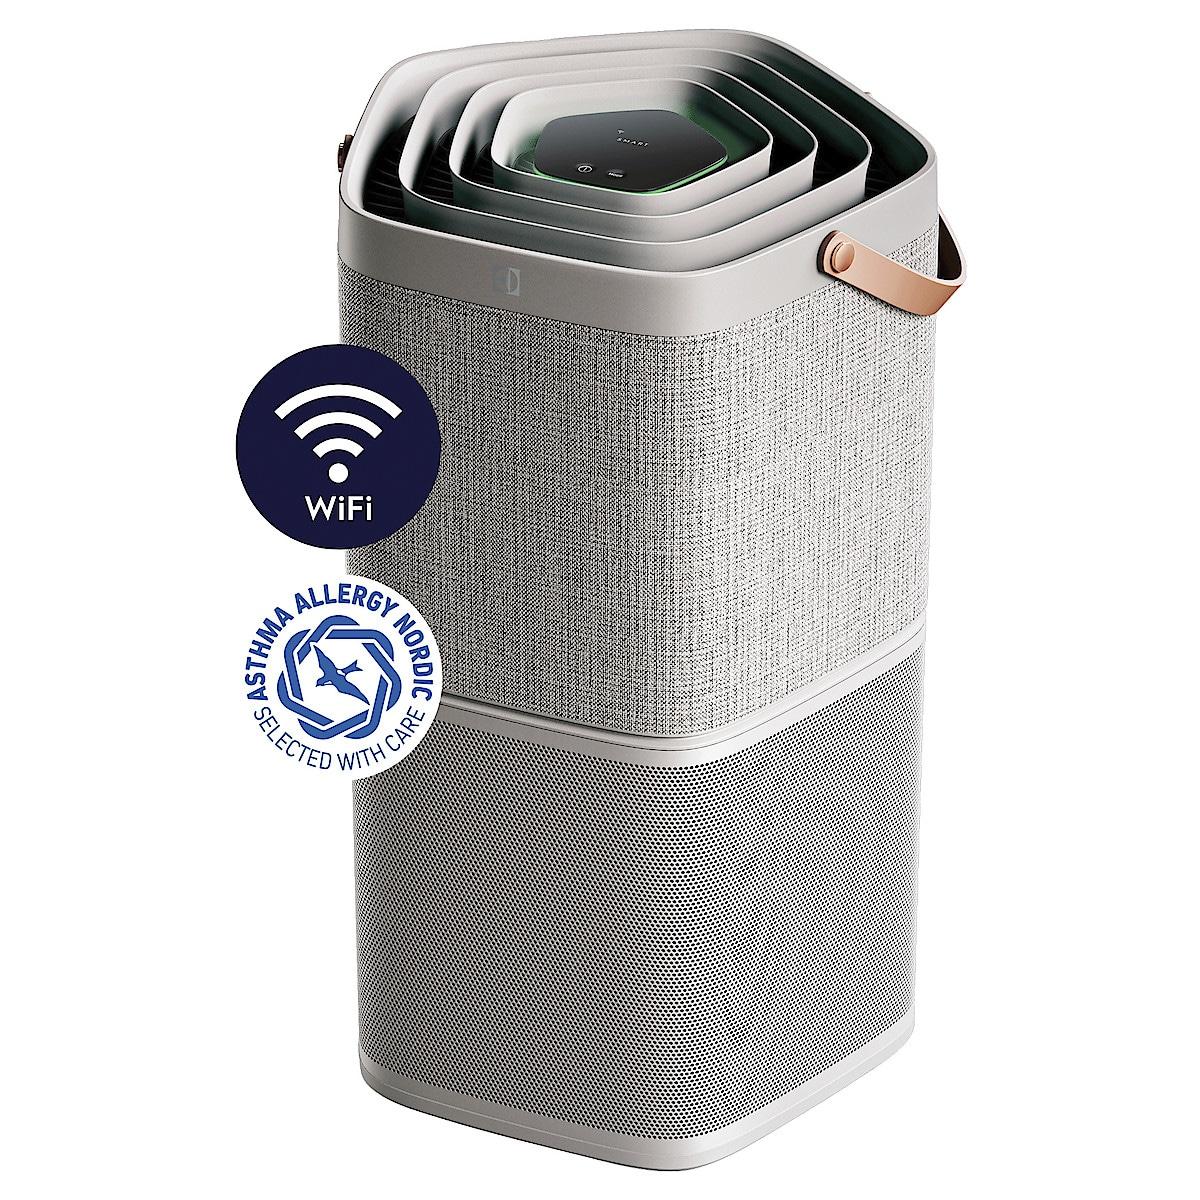 Ilmanpuhdistin Electrolux Pure A9, PA91-404GY